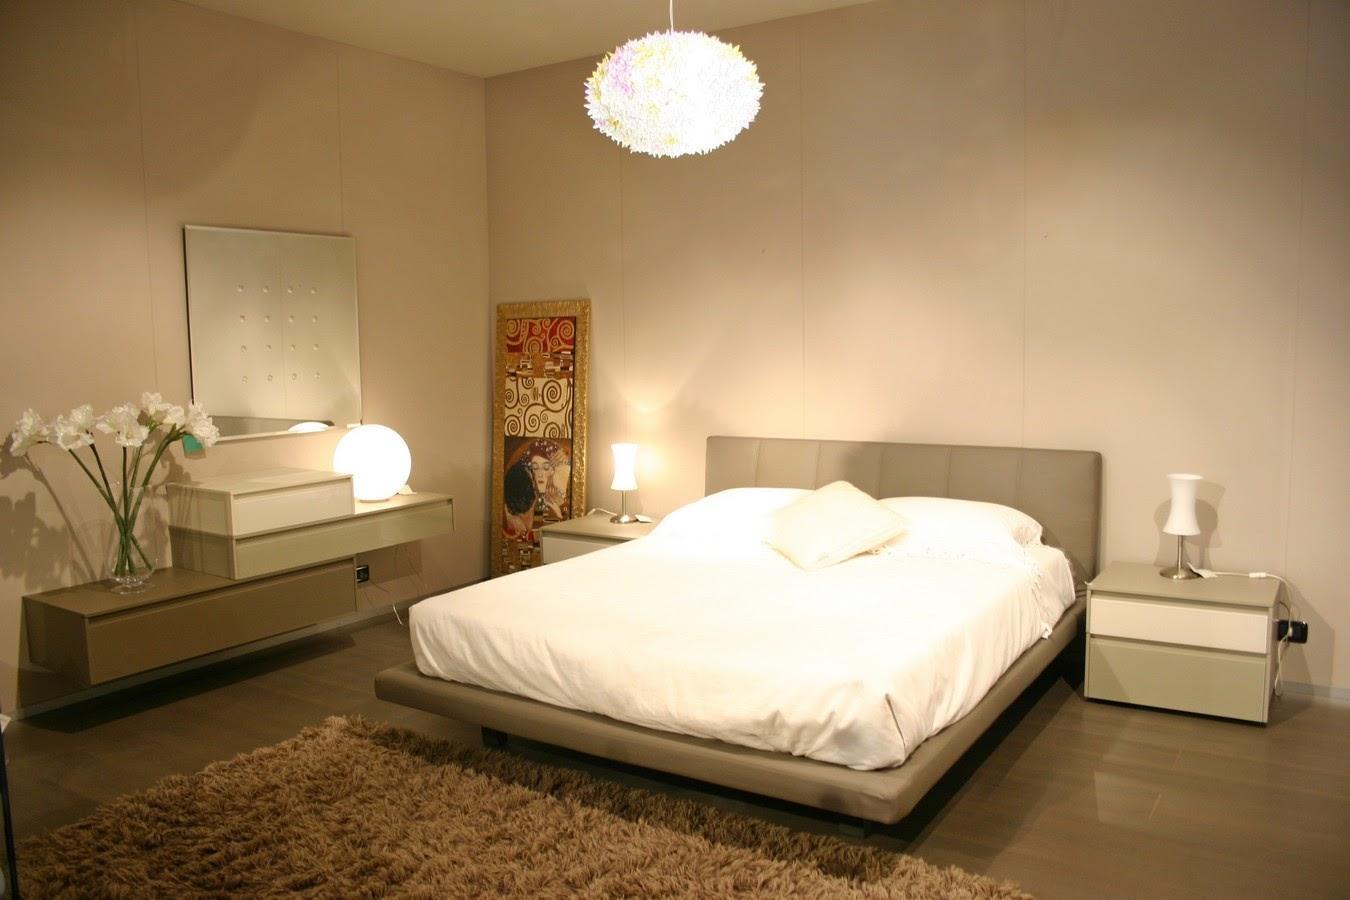 camere da letto: offerta di letti, armadi, armadi scorrevoli ... - Cabina Armadio Offerta